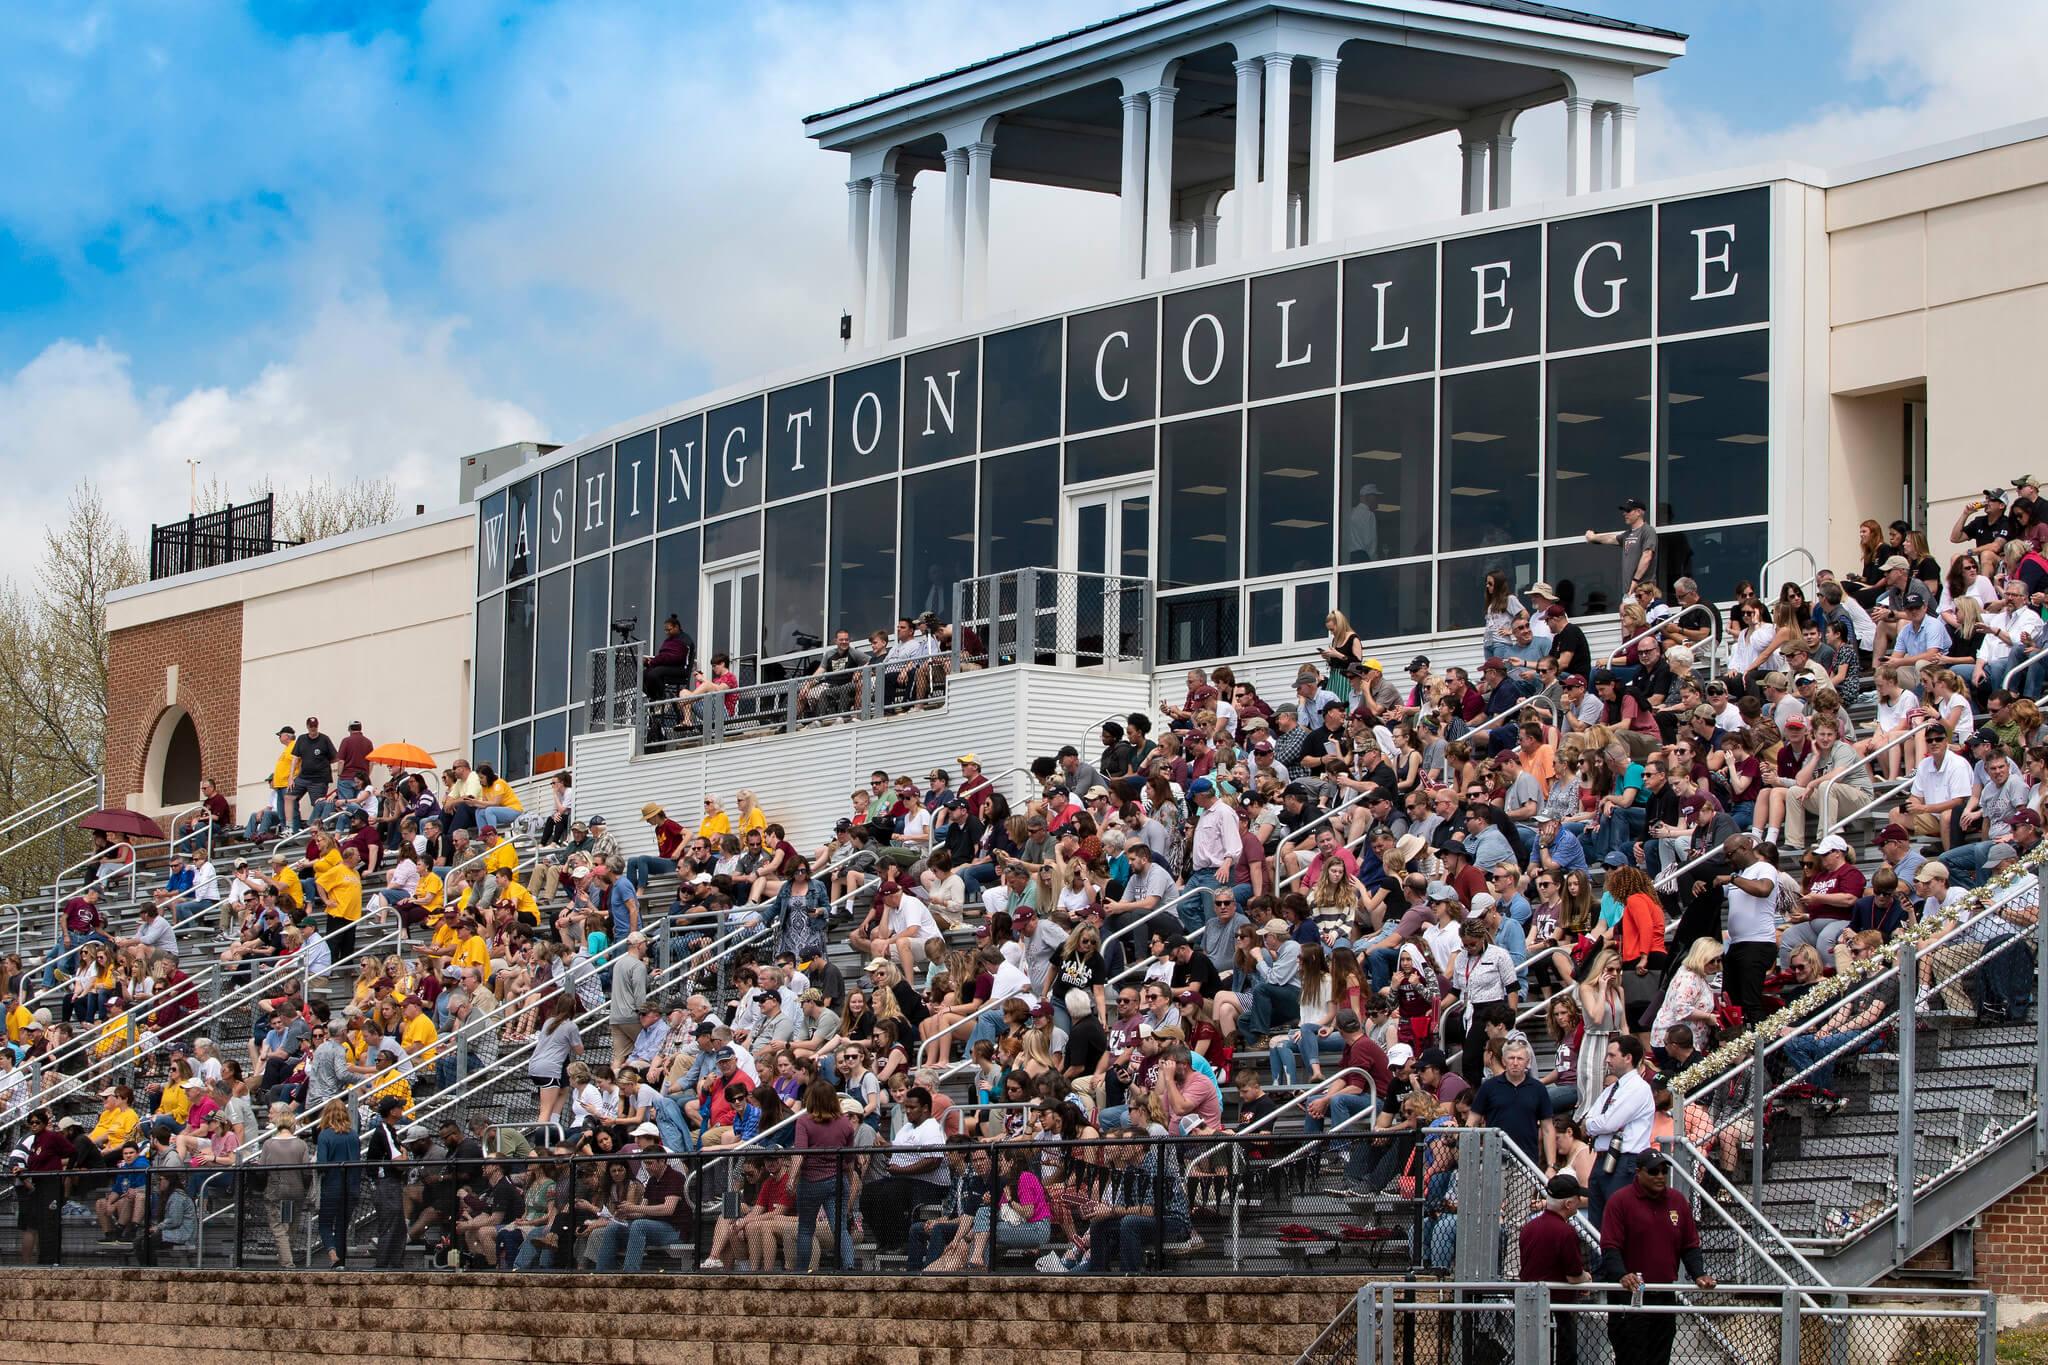 Washington College: Inclusive, collaborative and vibrant